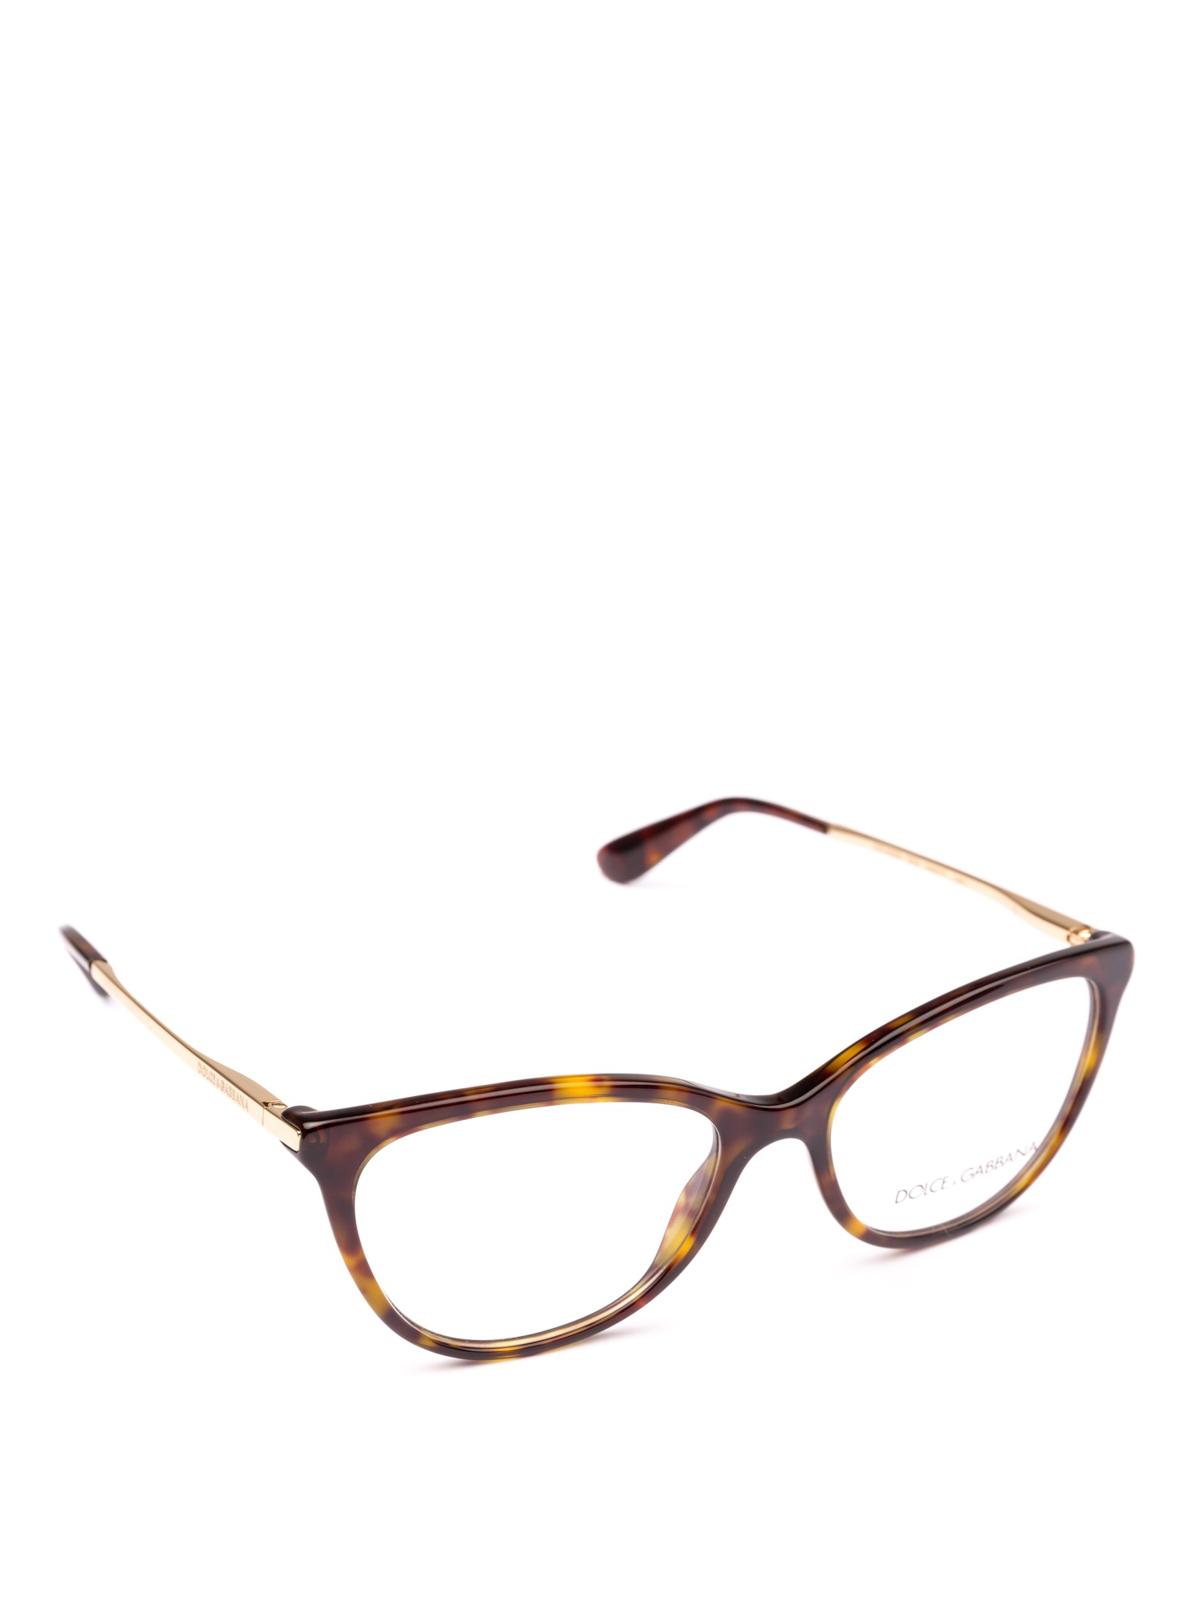 bcee23892e2 Dolce   Gabbana - Havana cat eye optical glasses - glasses - DG3258 502